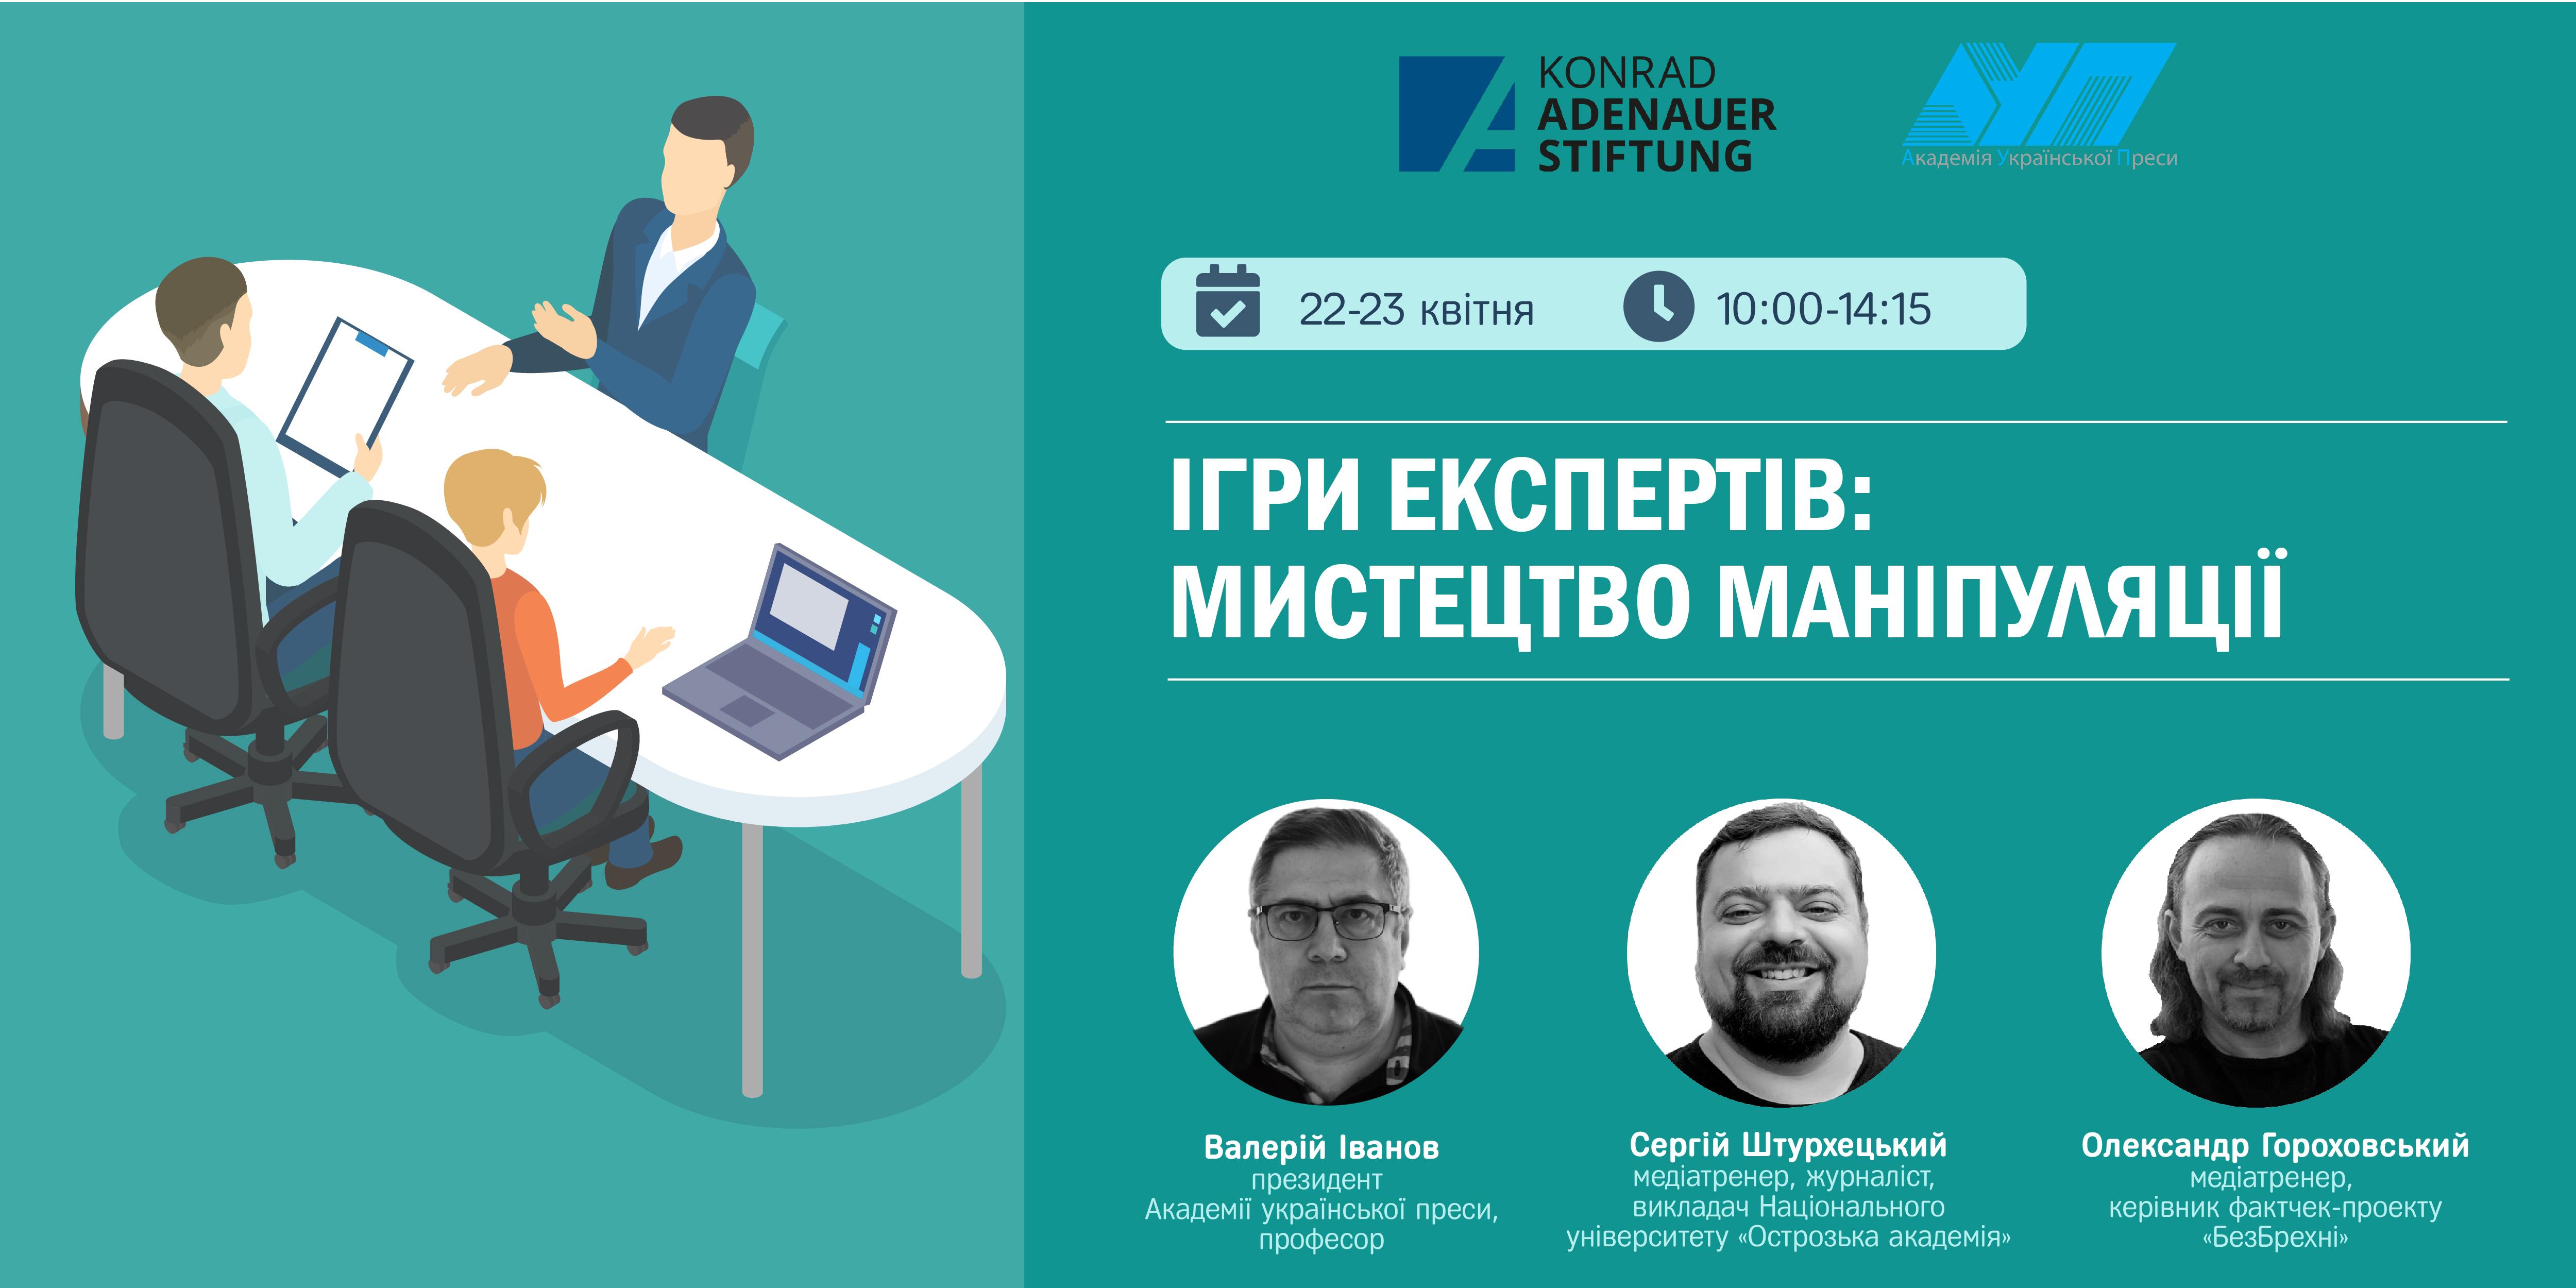 Igri_ekspertiv_kviten